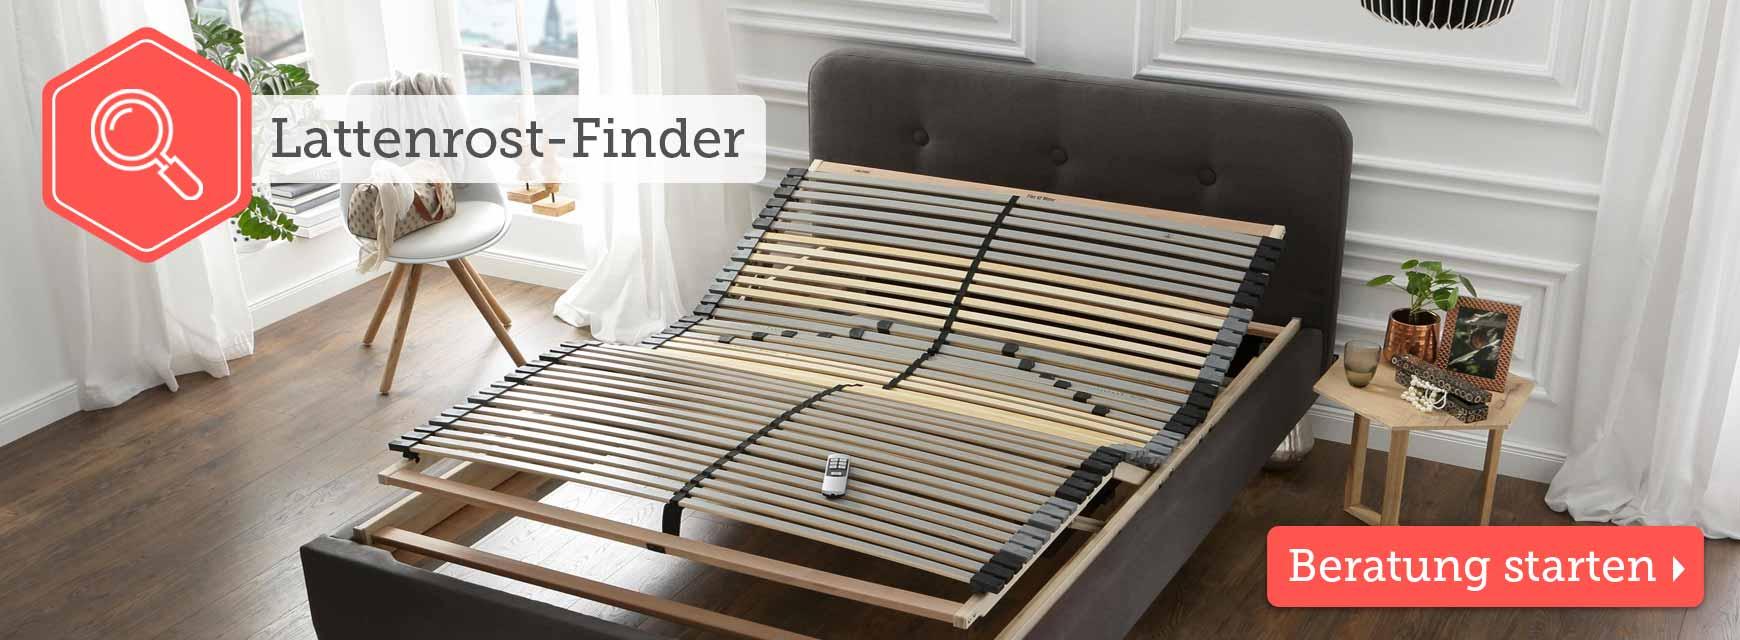 Full Size of Lattenrost Klappbar Ikea Bett Mit Elektrisch Verstellbaren Verstellbarem Schlafzimmer Set Matratze Und Betten Bei Küche Kosten 160x200 90x200 Modulküche Wohnzimmer Lattenrost Klappbar Ikea